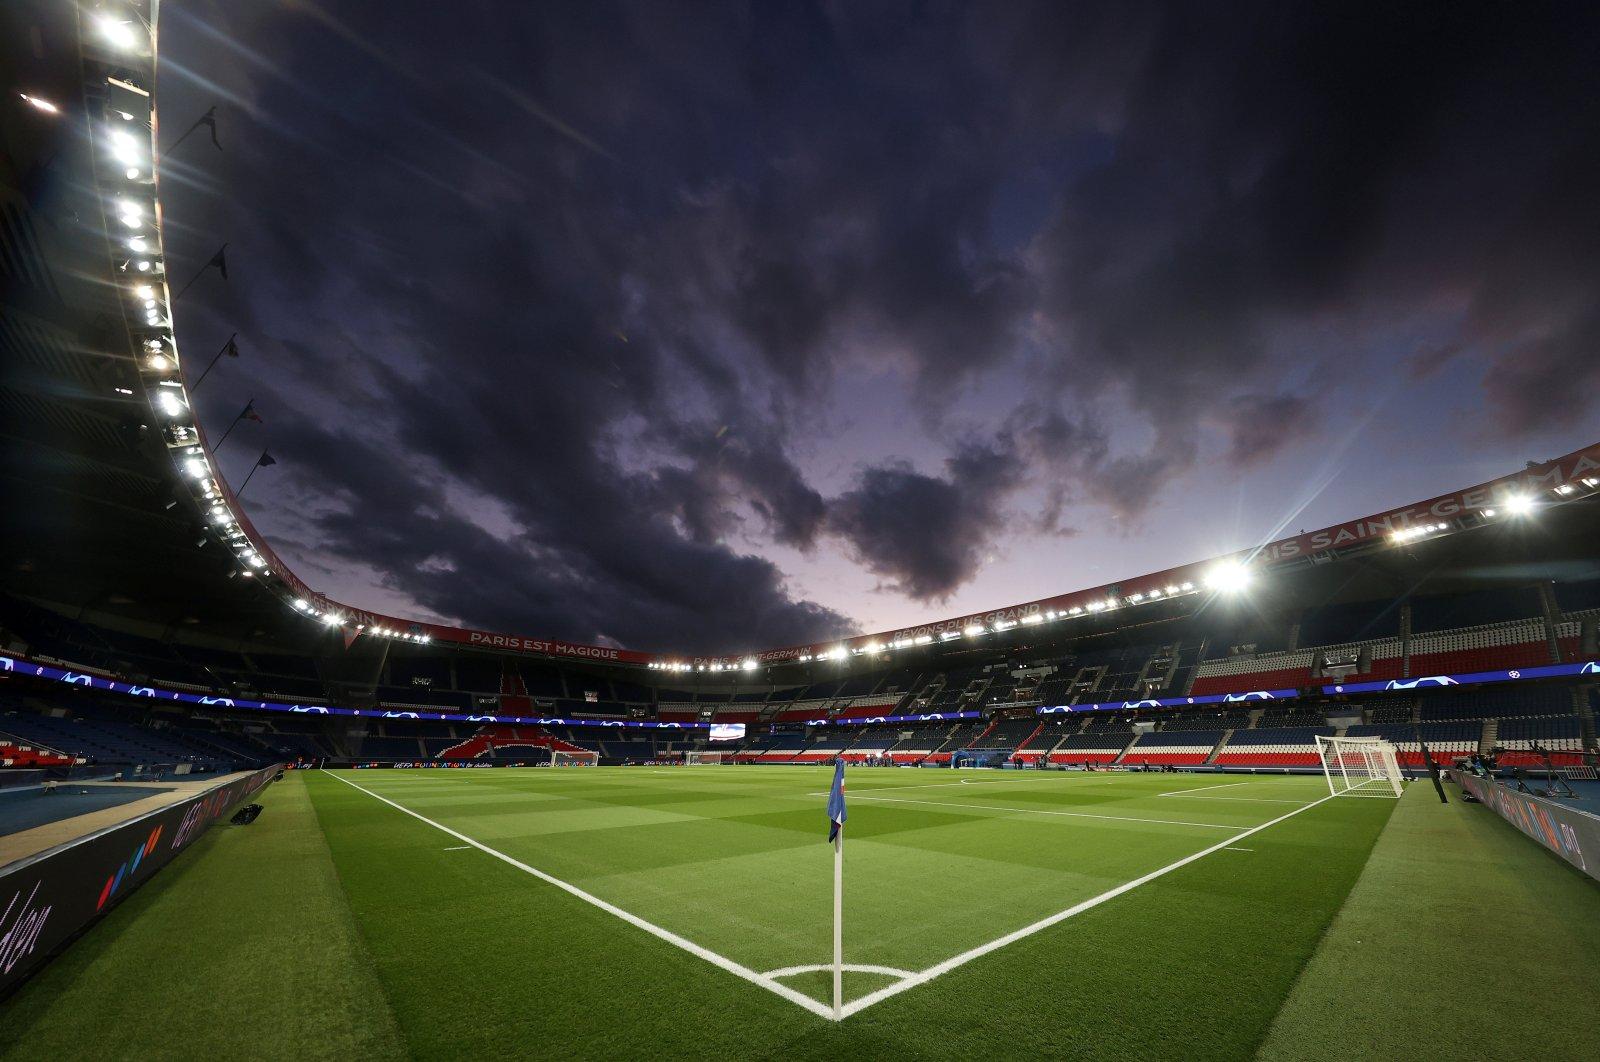 General view inside the Parc des Princes stadium, Paris, France, before the match between Paris Saint-Germain and Borussia Dortmund, March 11, 2020. (REUTERS photo)